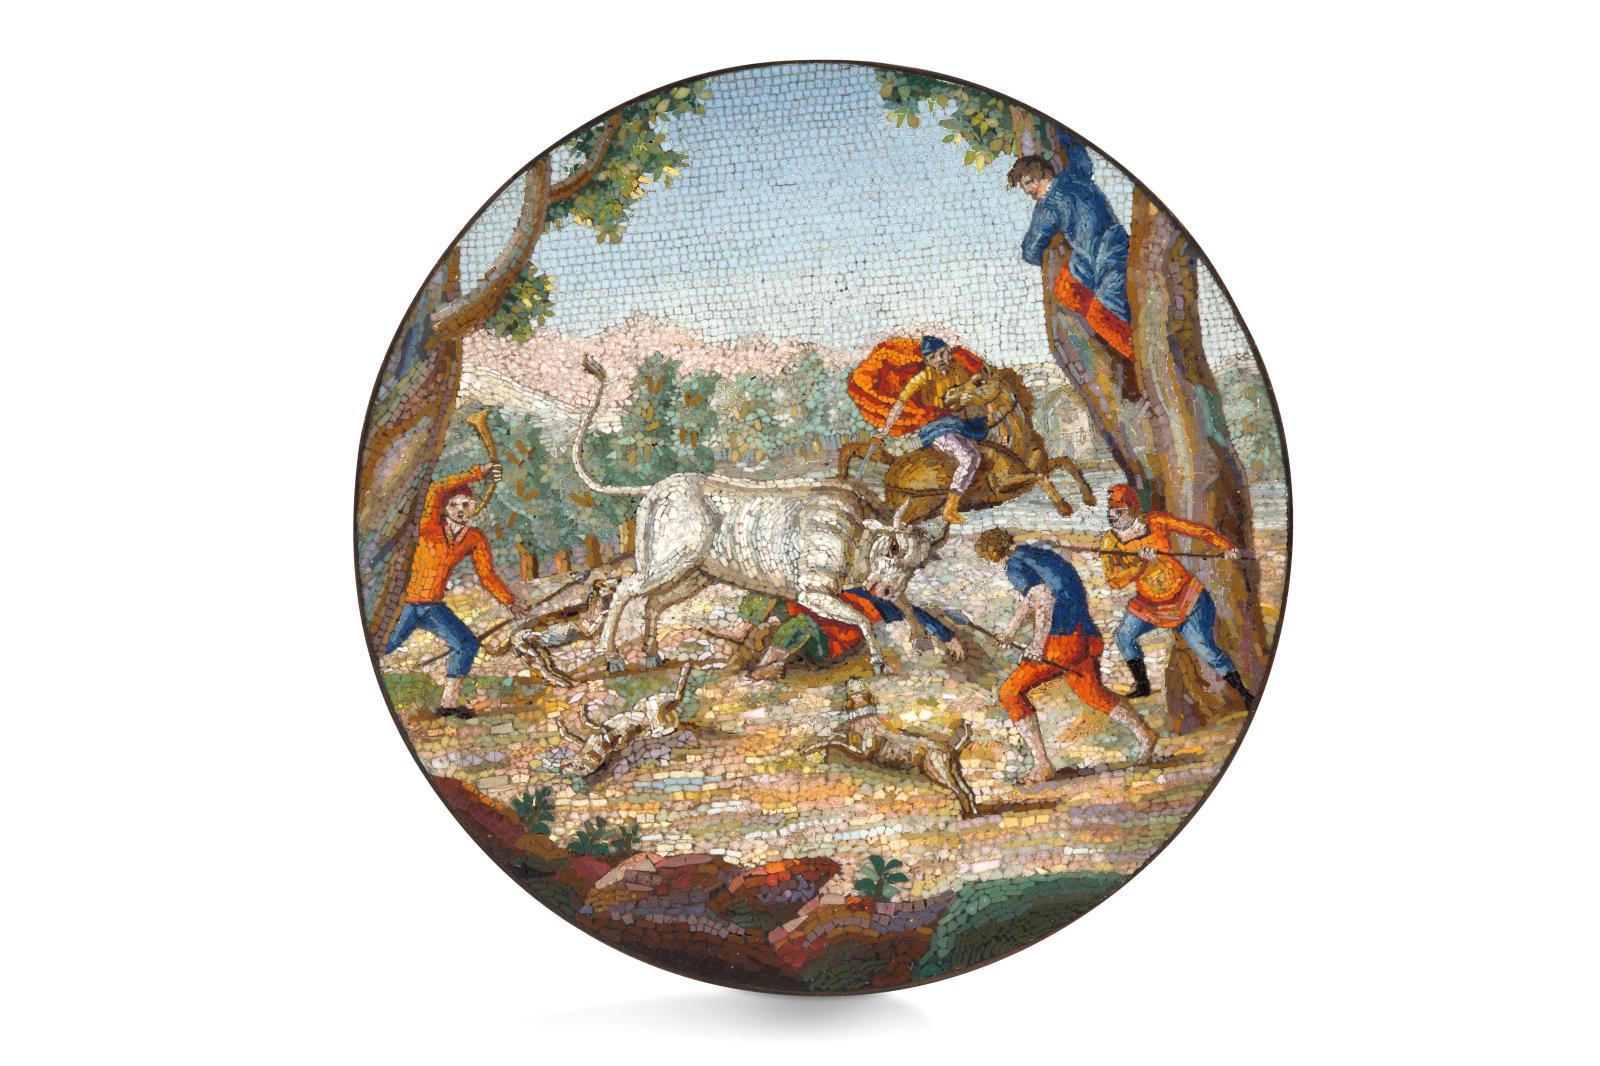 En parfait état, cette micromosaïque (diam.7,3cm) romaine de la fin du XVIIIesiècle est attribuée à Giacomo Raffaelli (1753-1836). Virt